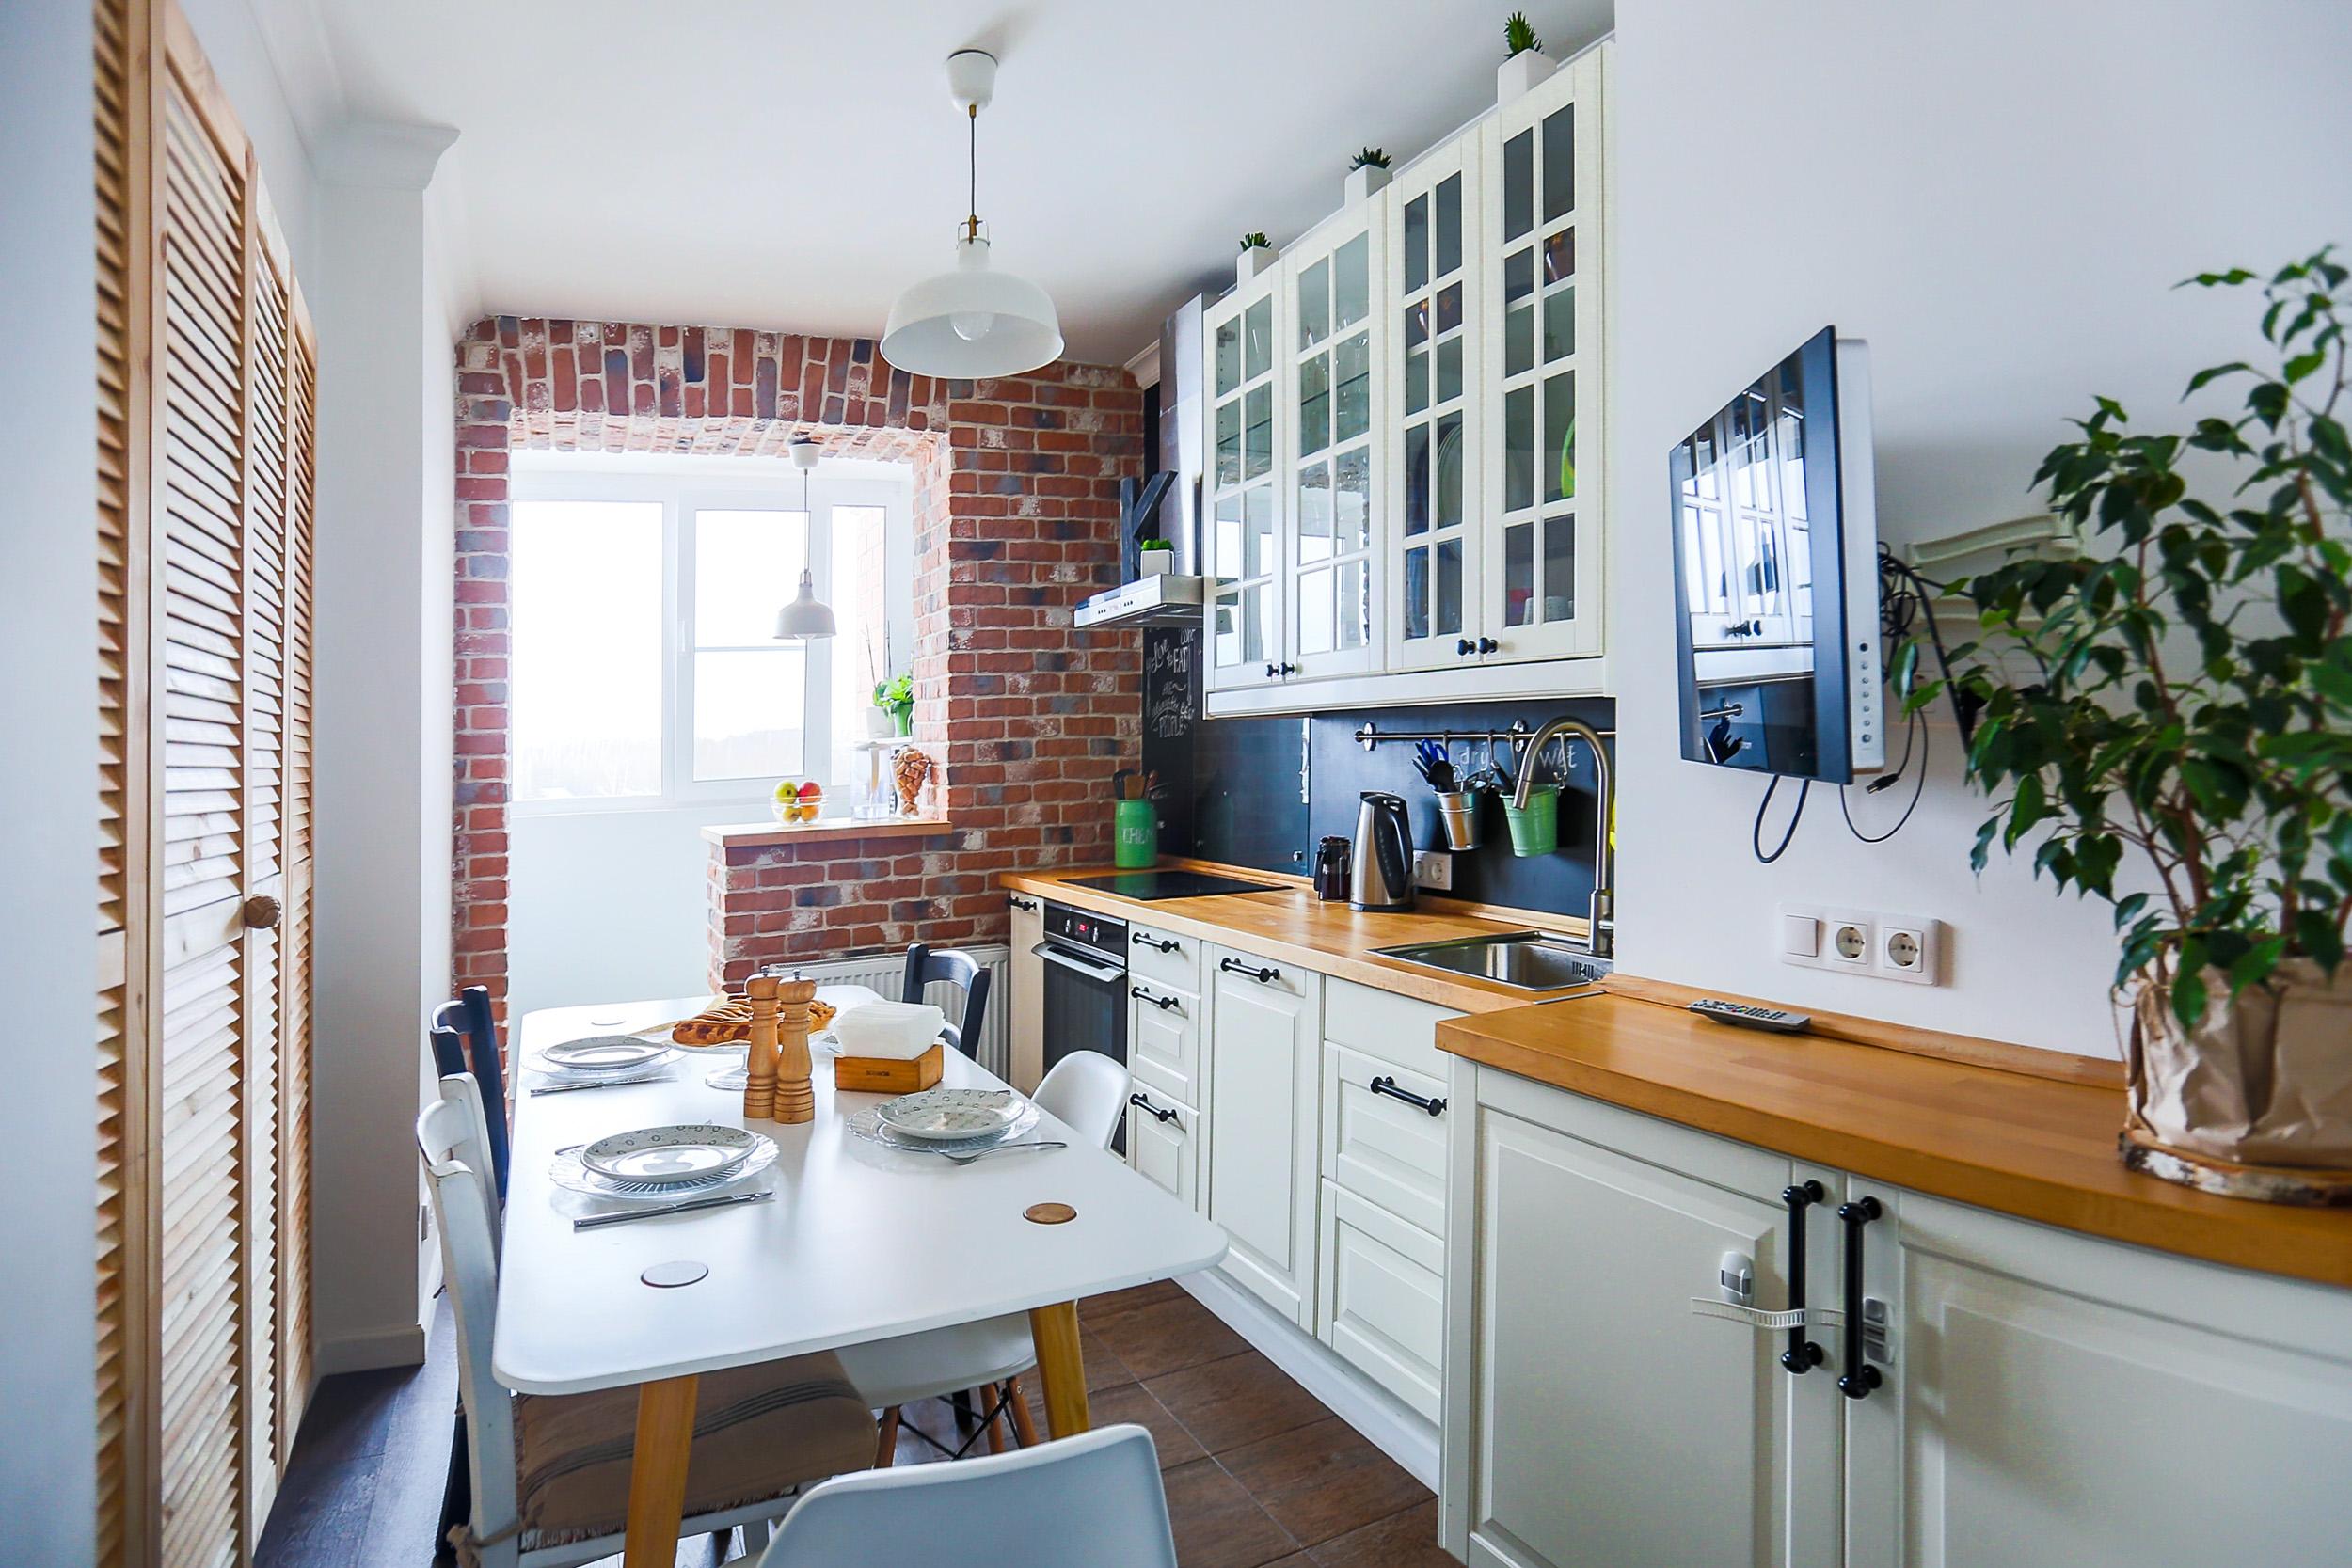 100 лучших идей: кухня совмещенная с балконом на фото.